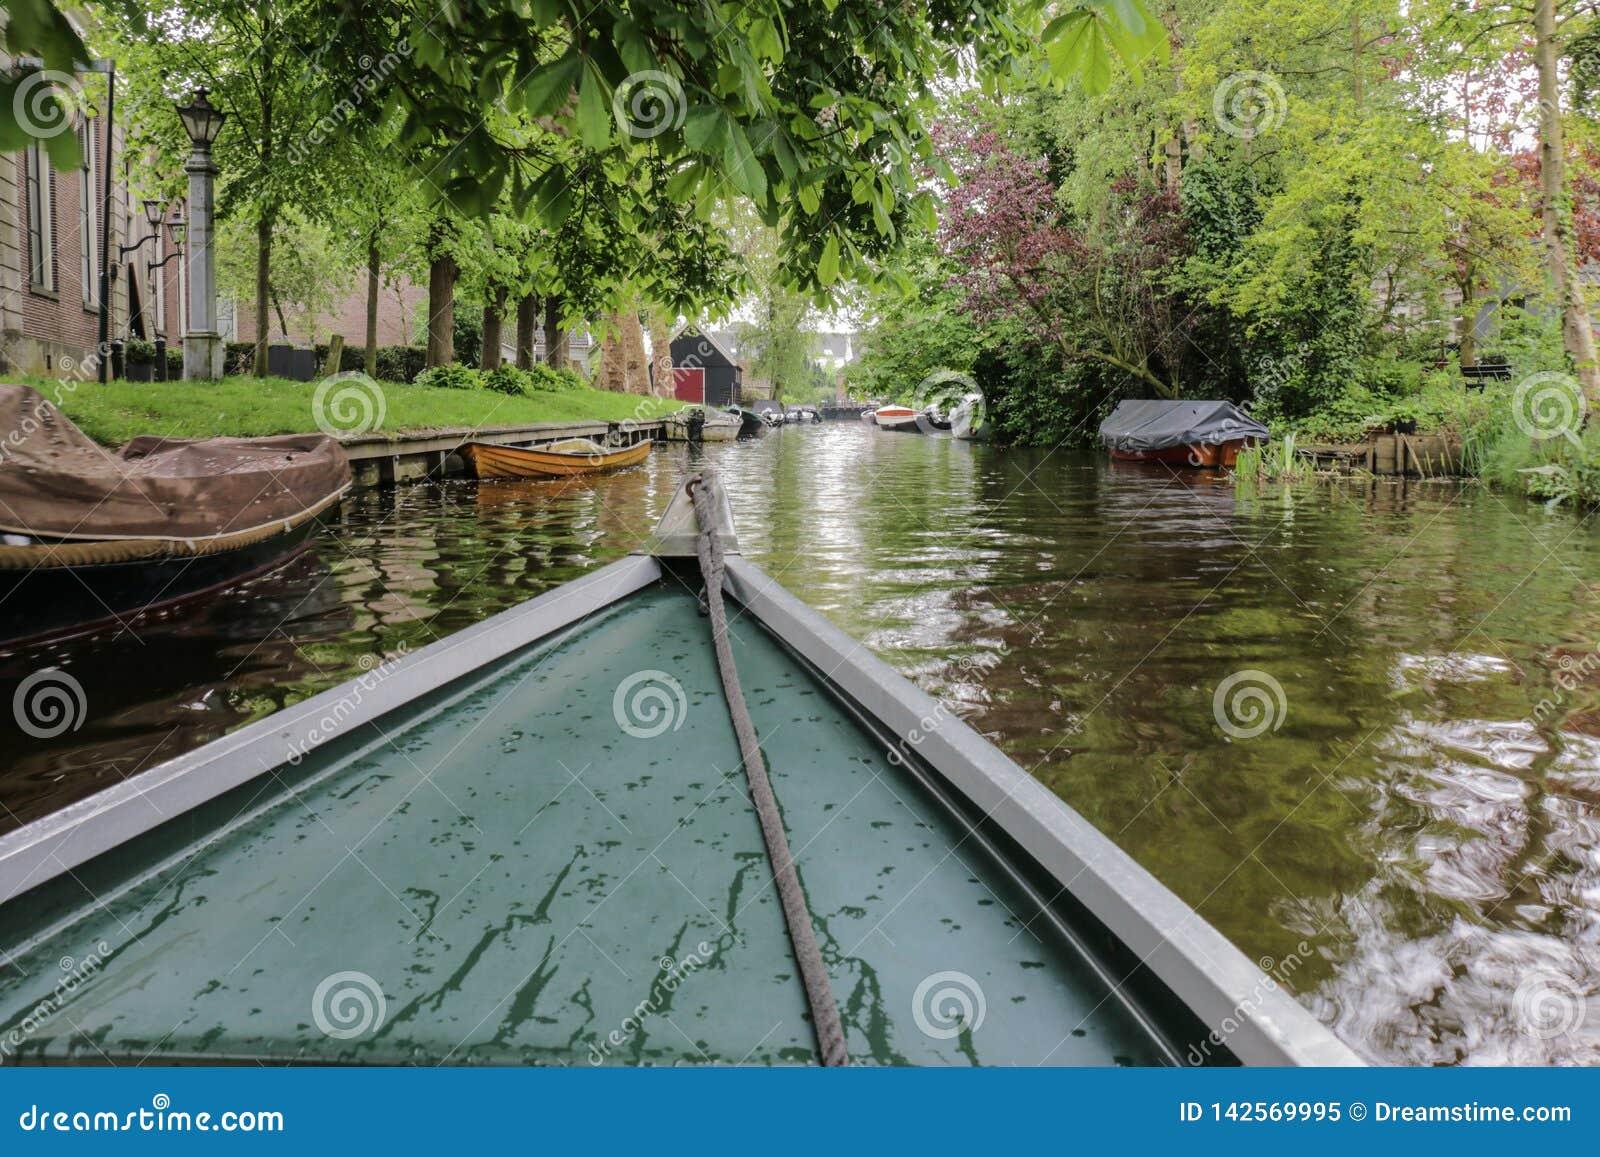 Vue de bateau dans le canal rural de ville en Hollande-Septentrionale